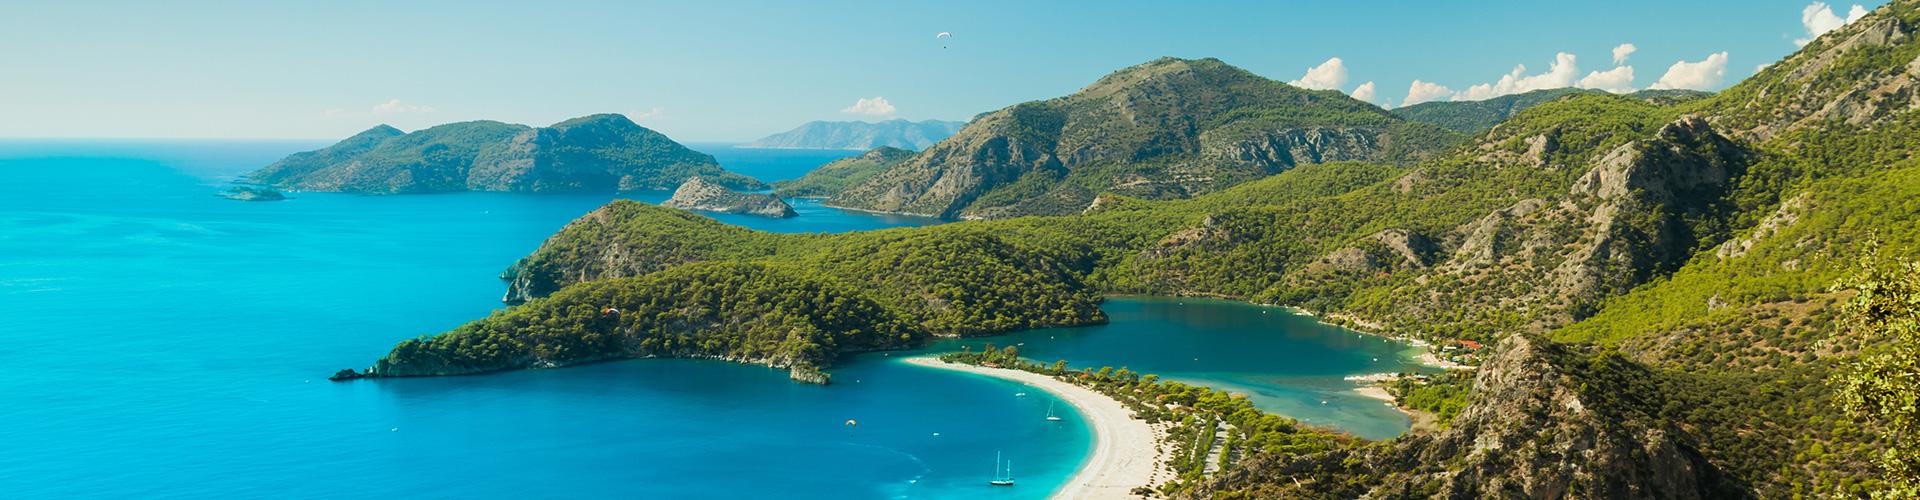 Turkey Retreat: Fethiye